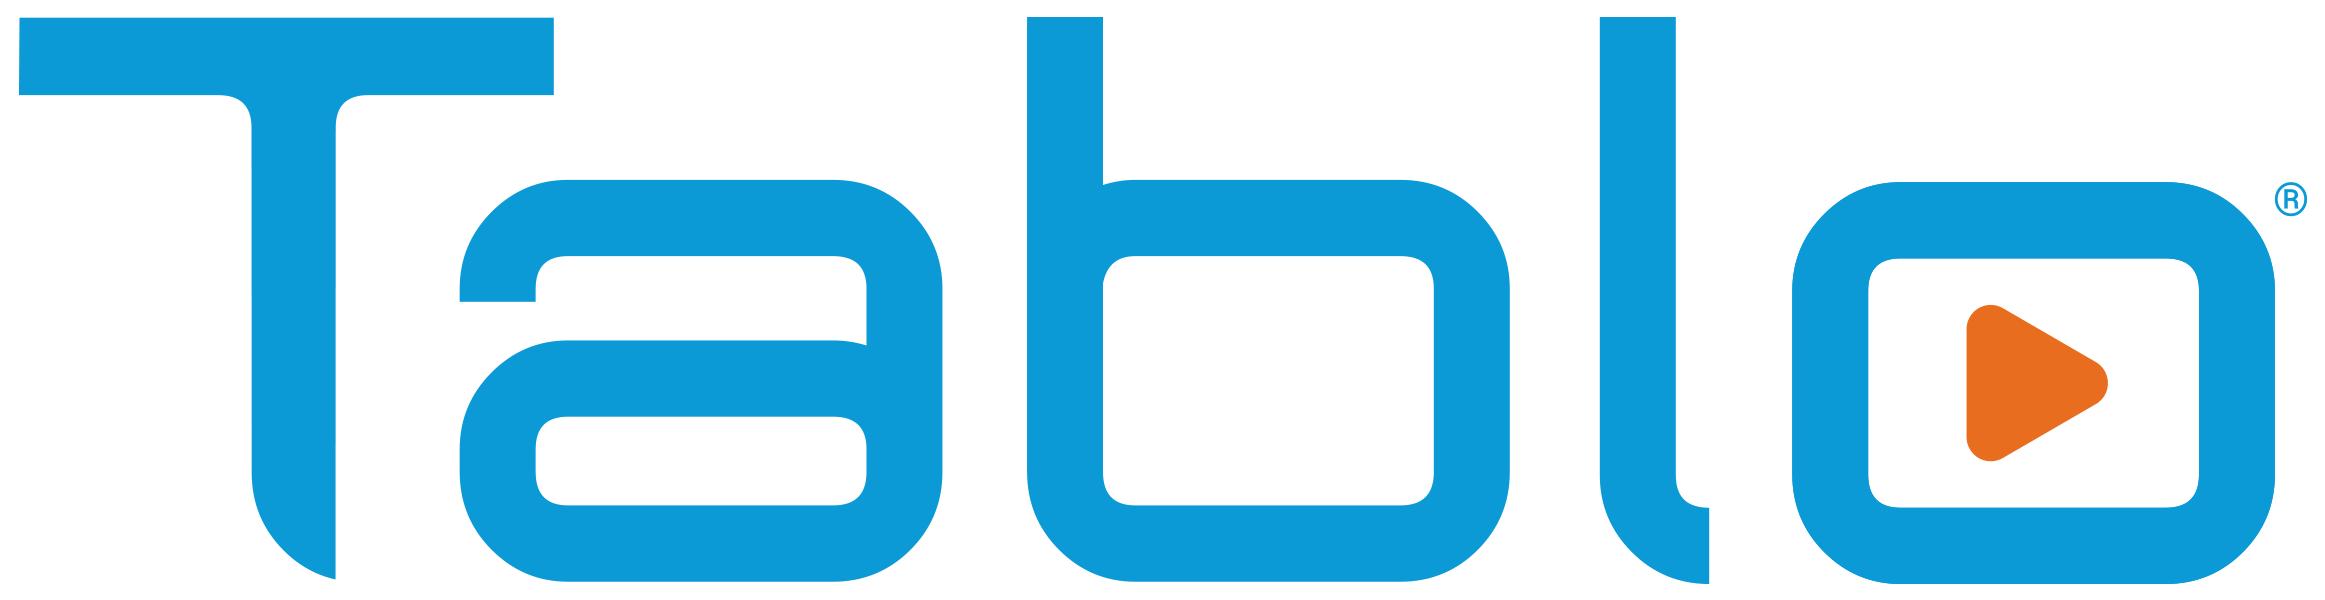 Official Tablo OTA DVR Site | Over The Air (OTA) DVR | Tablo